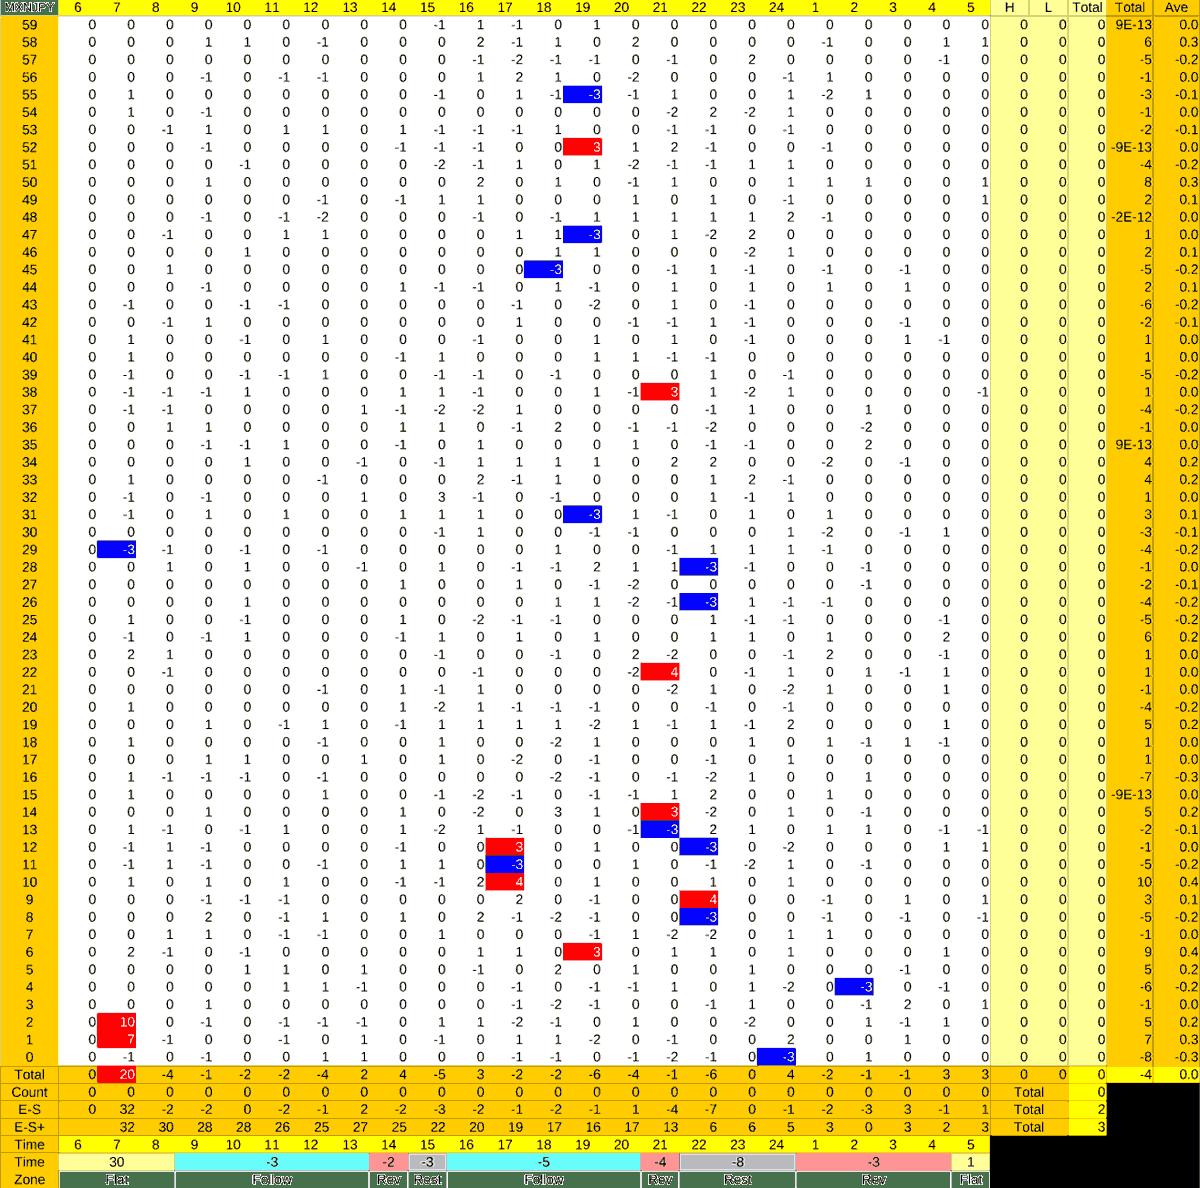 20210705_HS(3)MXNJPY-min